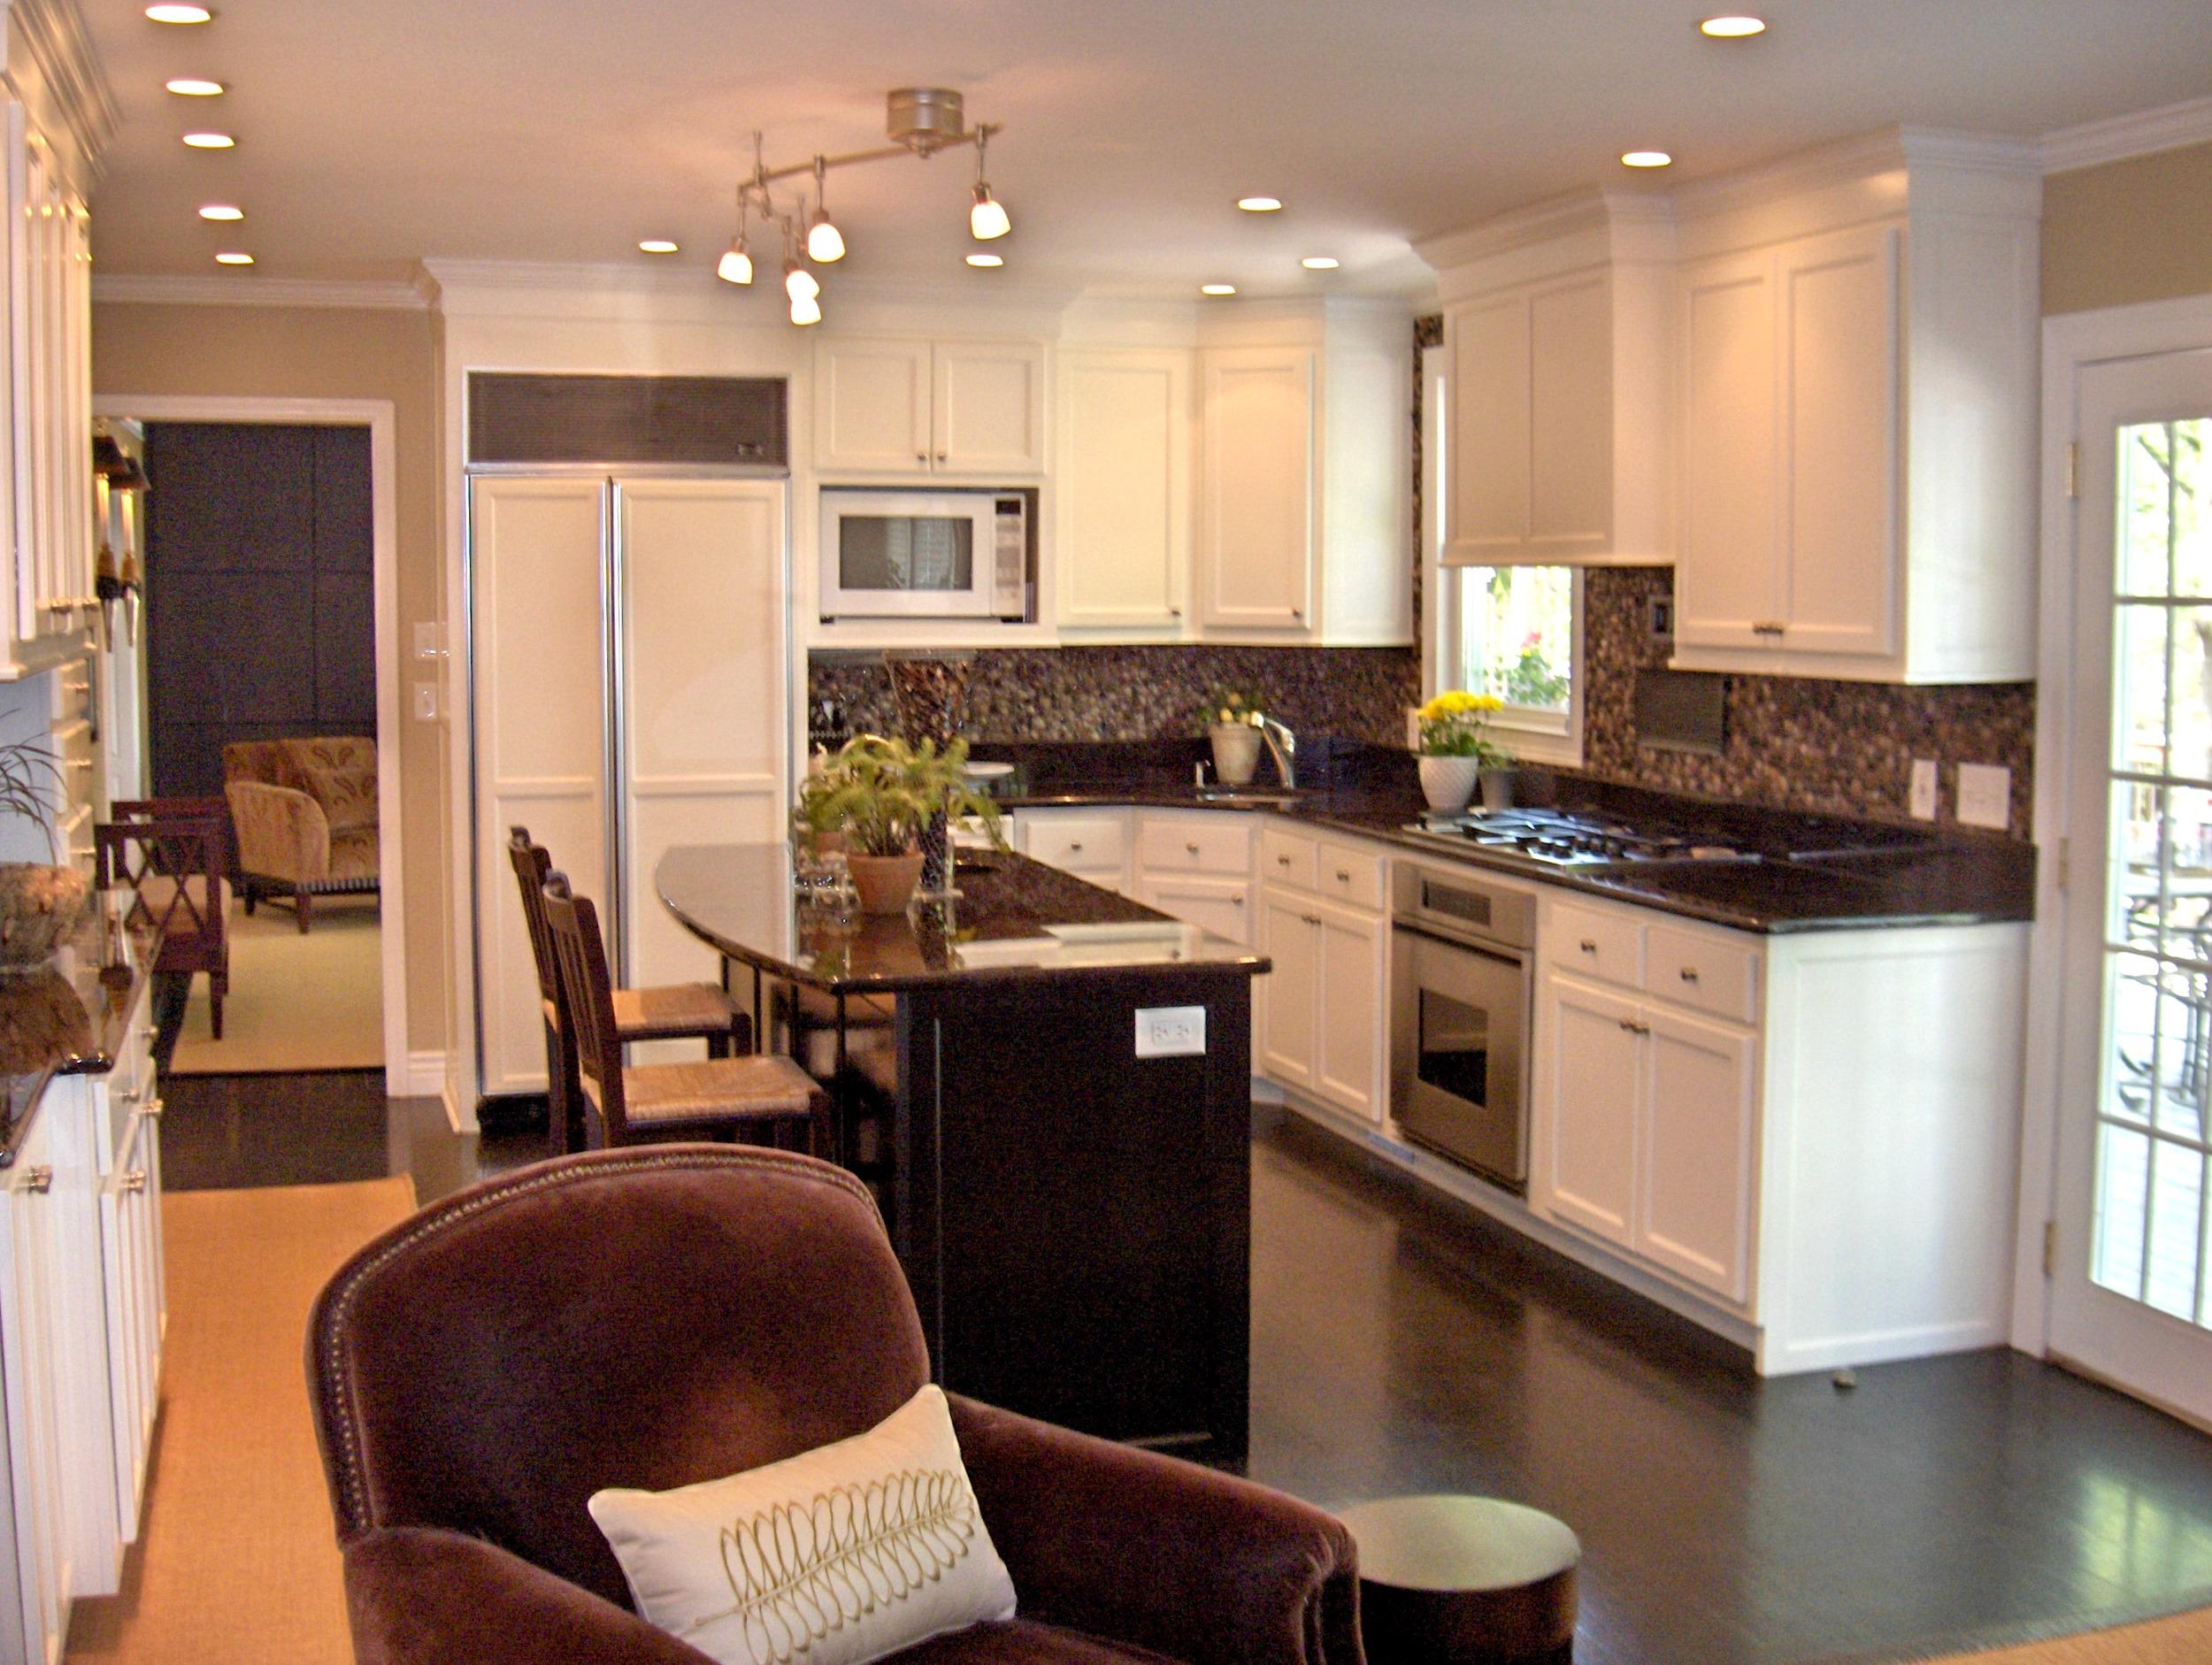 kwd kitchen.jpg